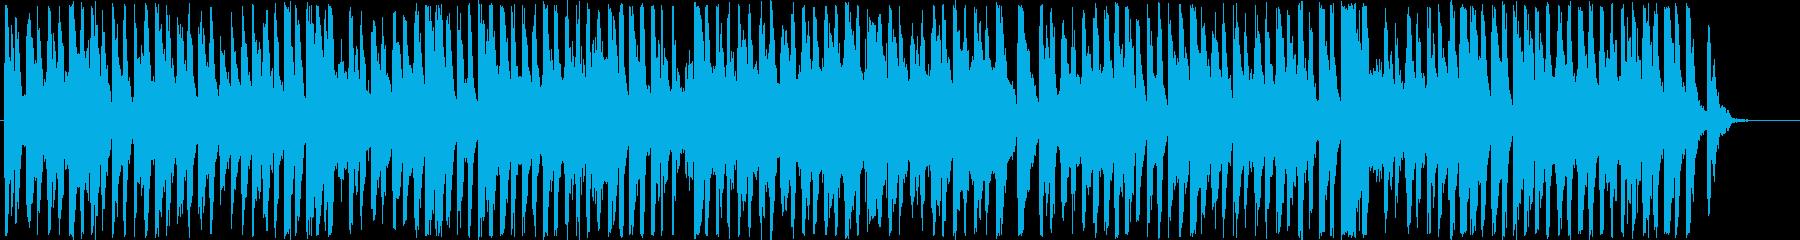 明るくポップでウキウキなアップテンポの音の再生済みの波形